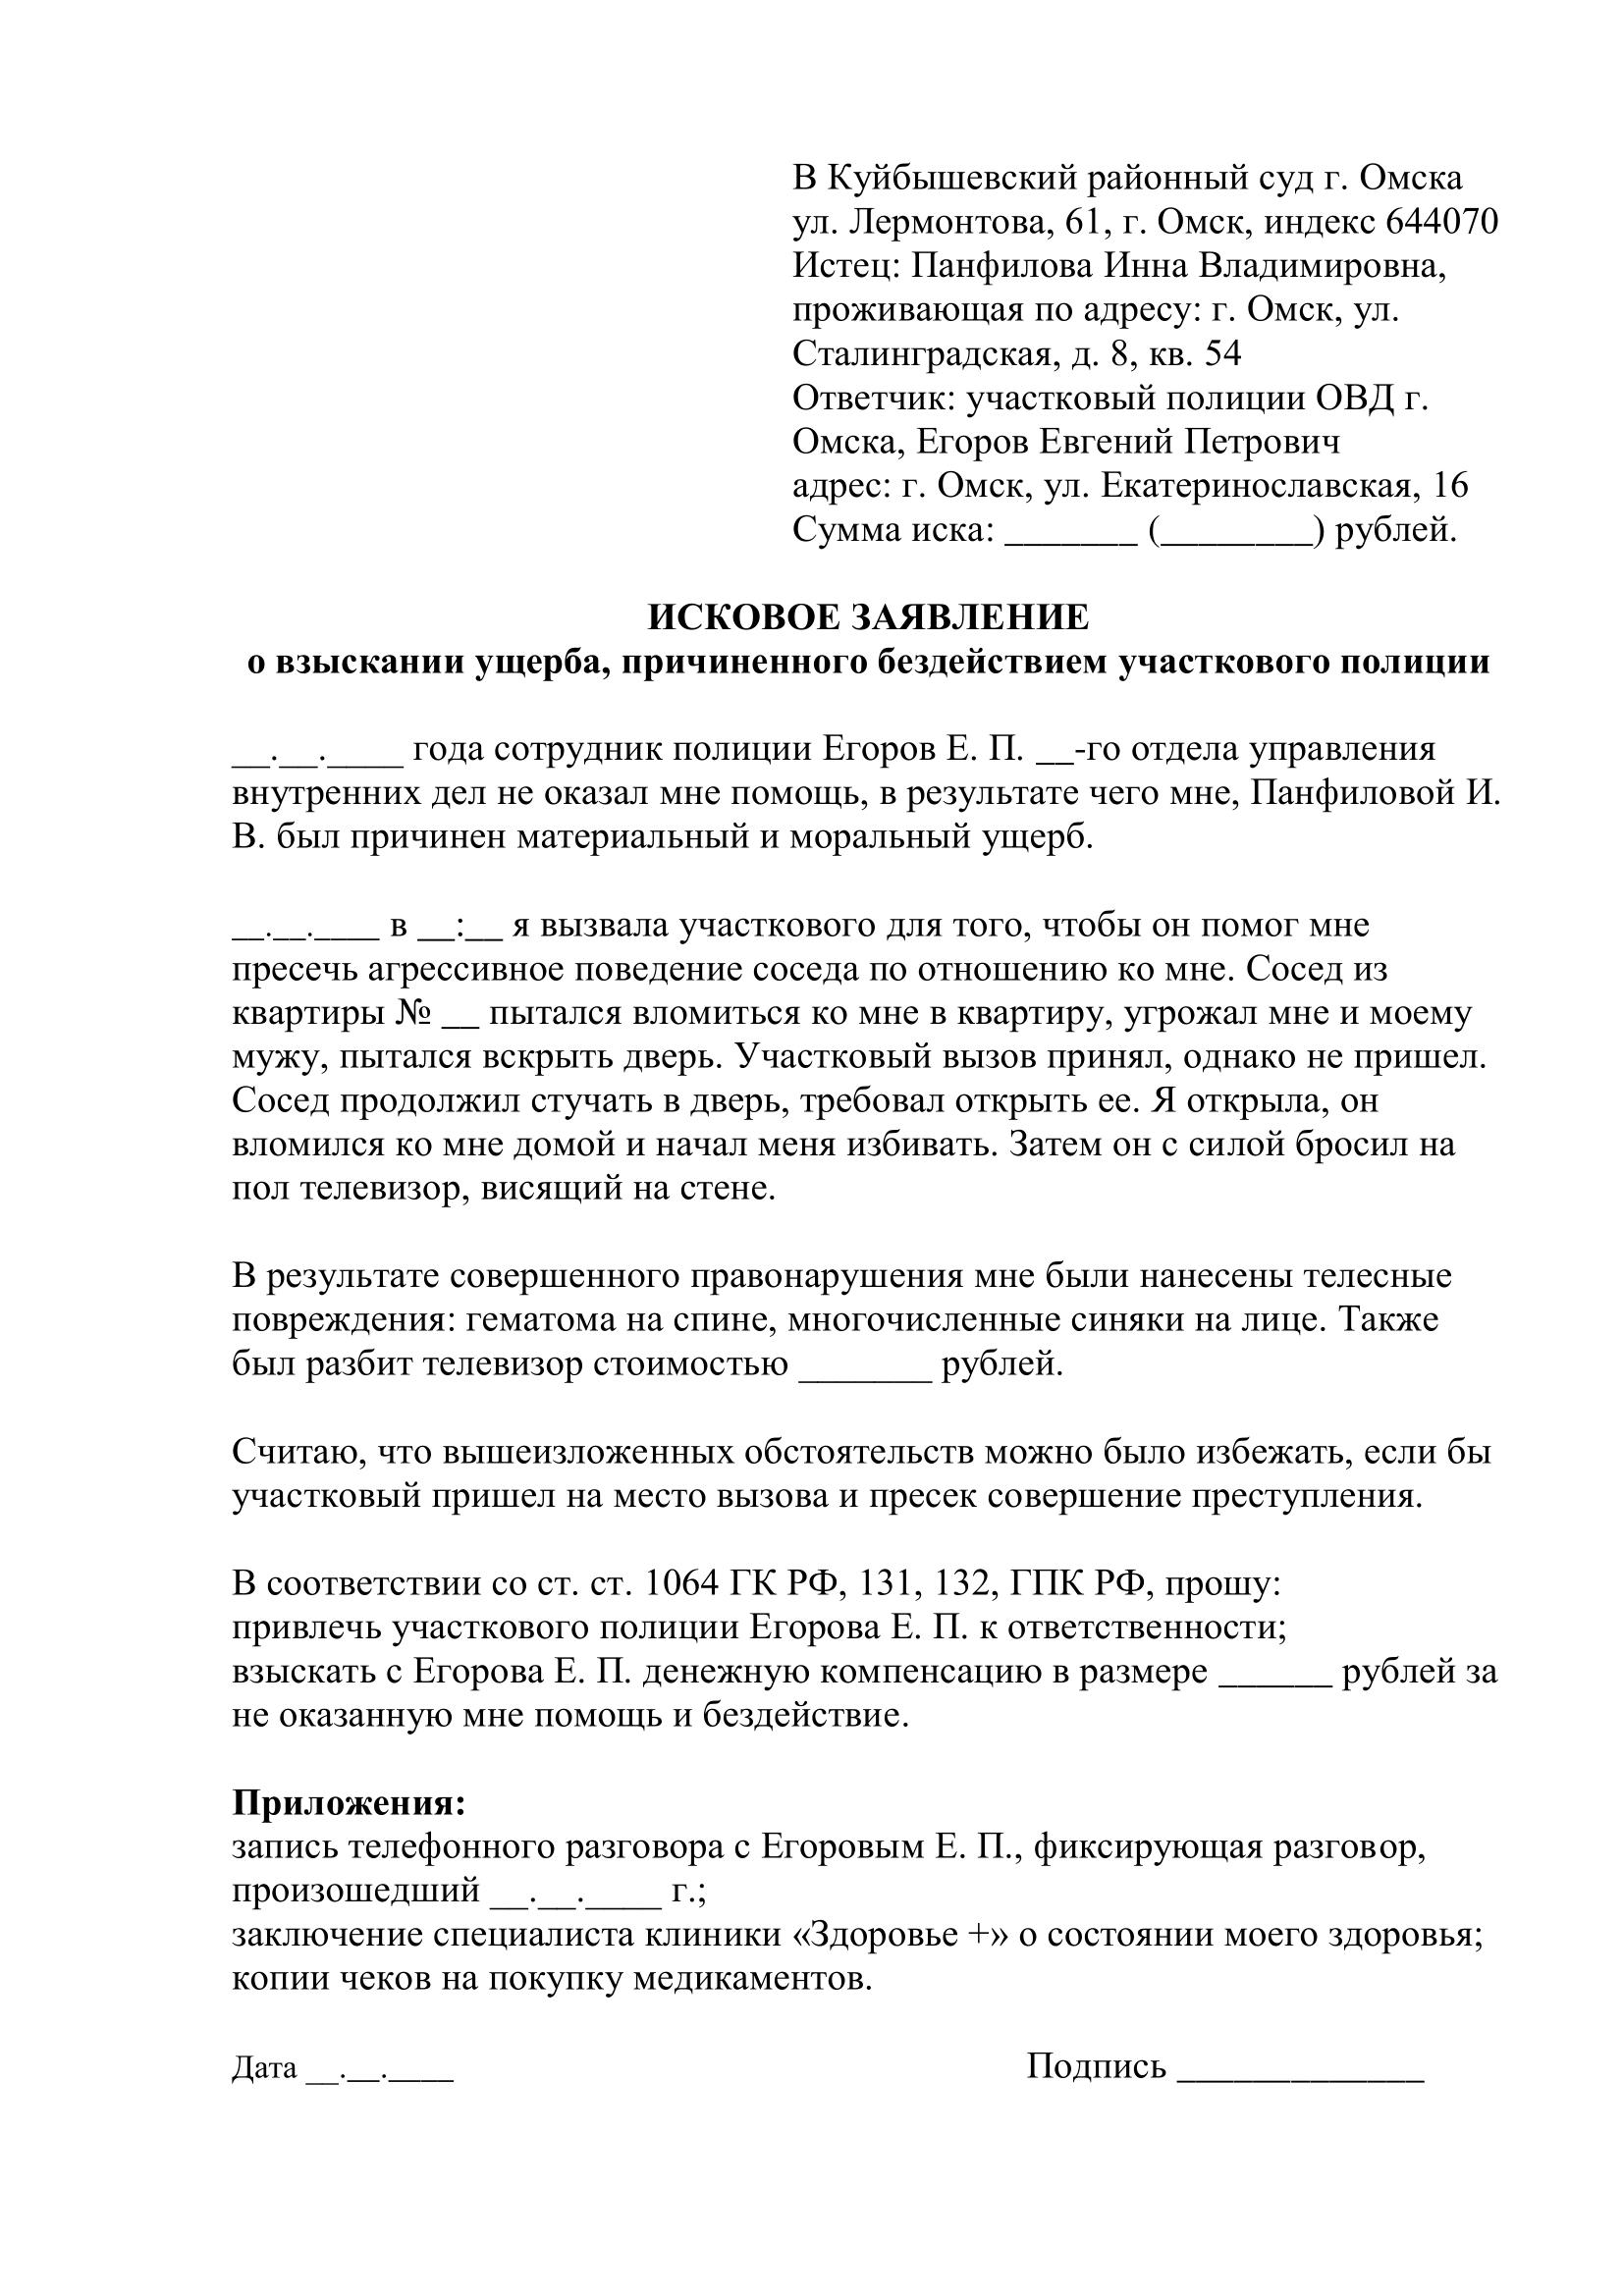 Исковое заявление о взыскании ущерба, причиненного бездействием участкового полиции